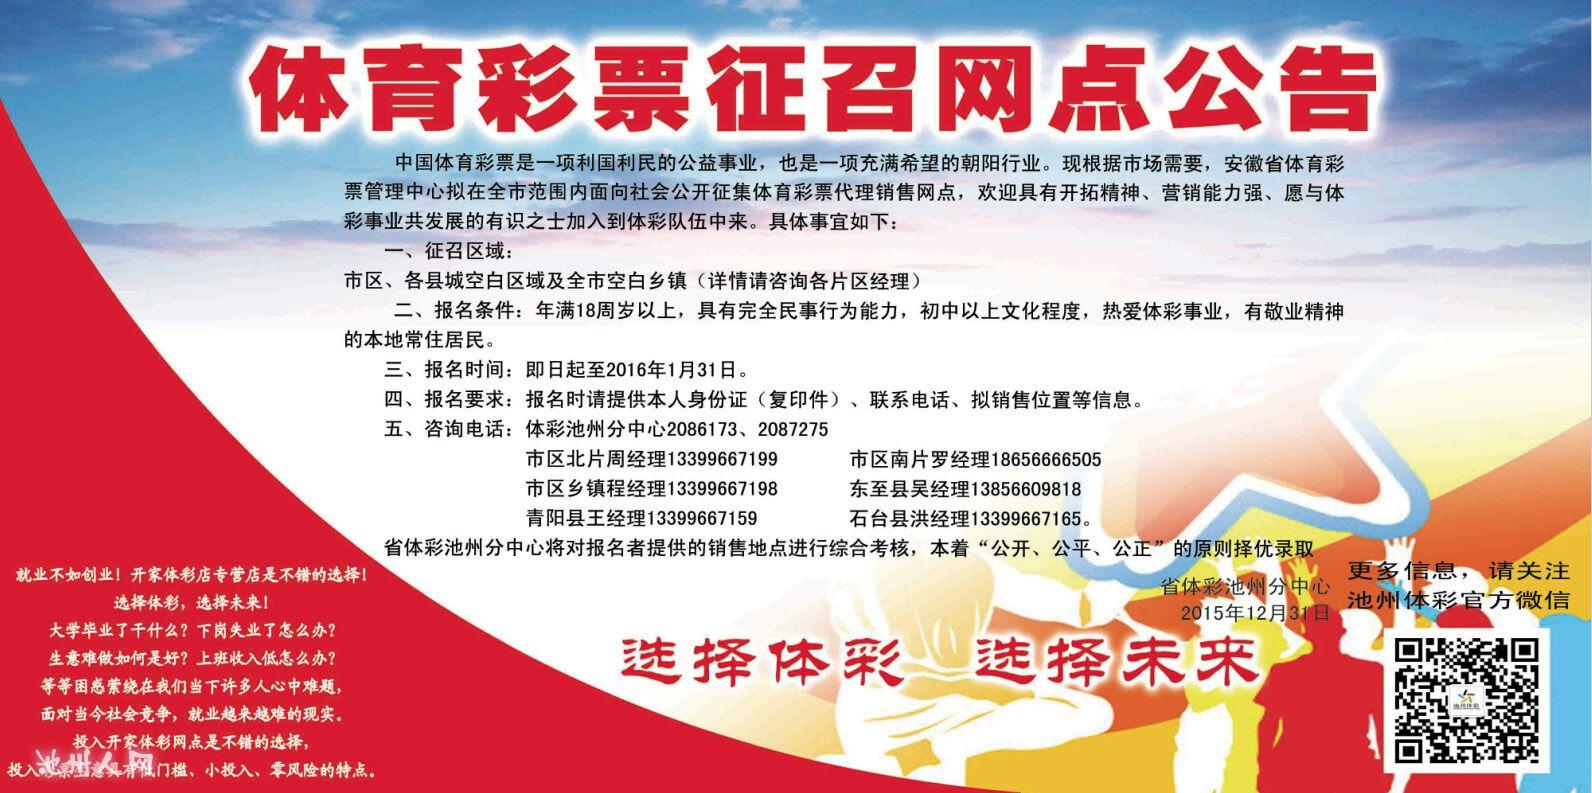 中体彩招聘_池州体彩2016年度征召网点 - 求职招聘 - 池州人论坛